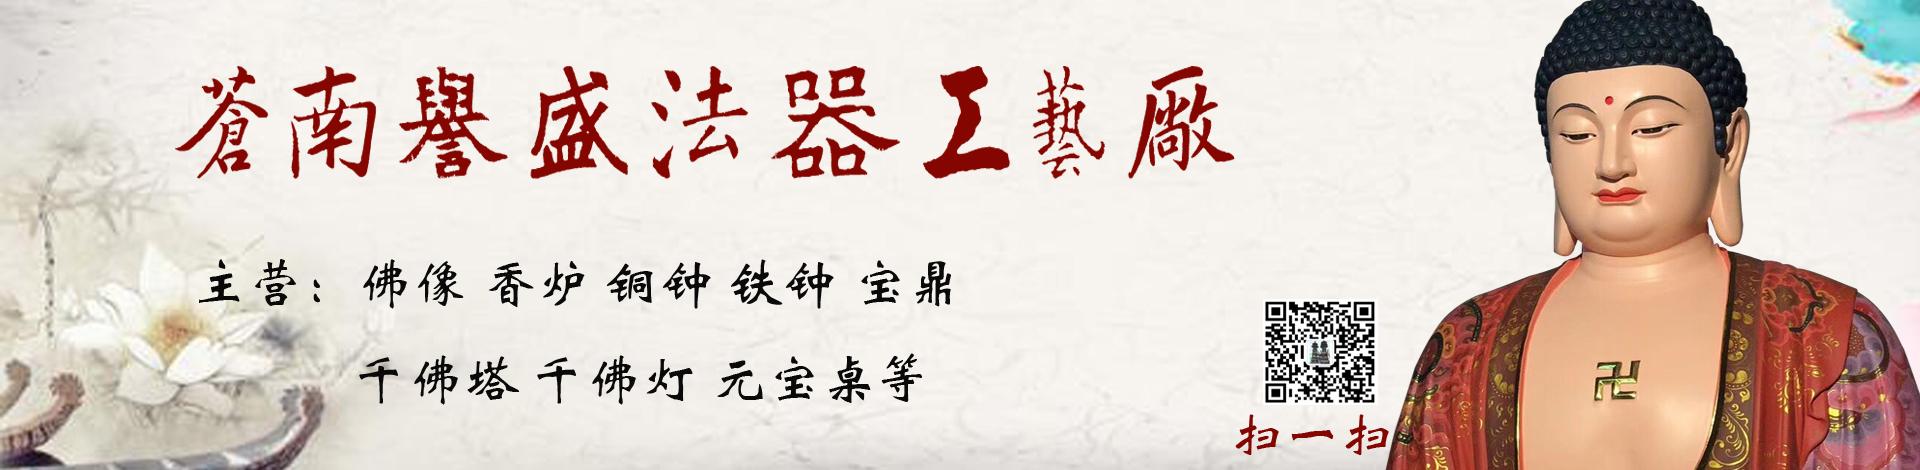 苍南县誉盛工艺厂